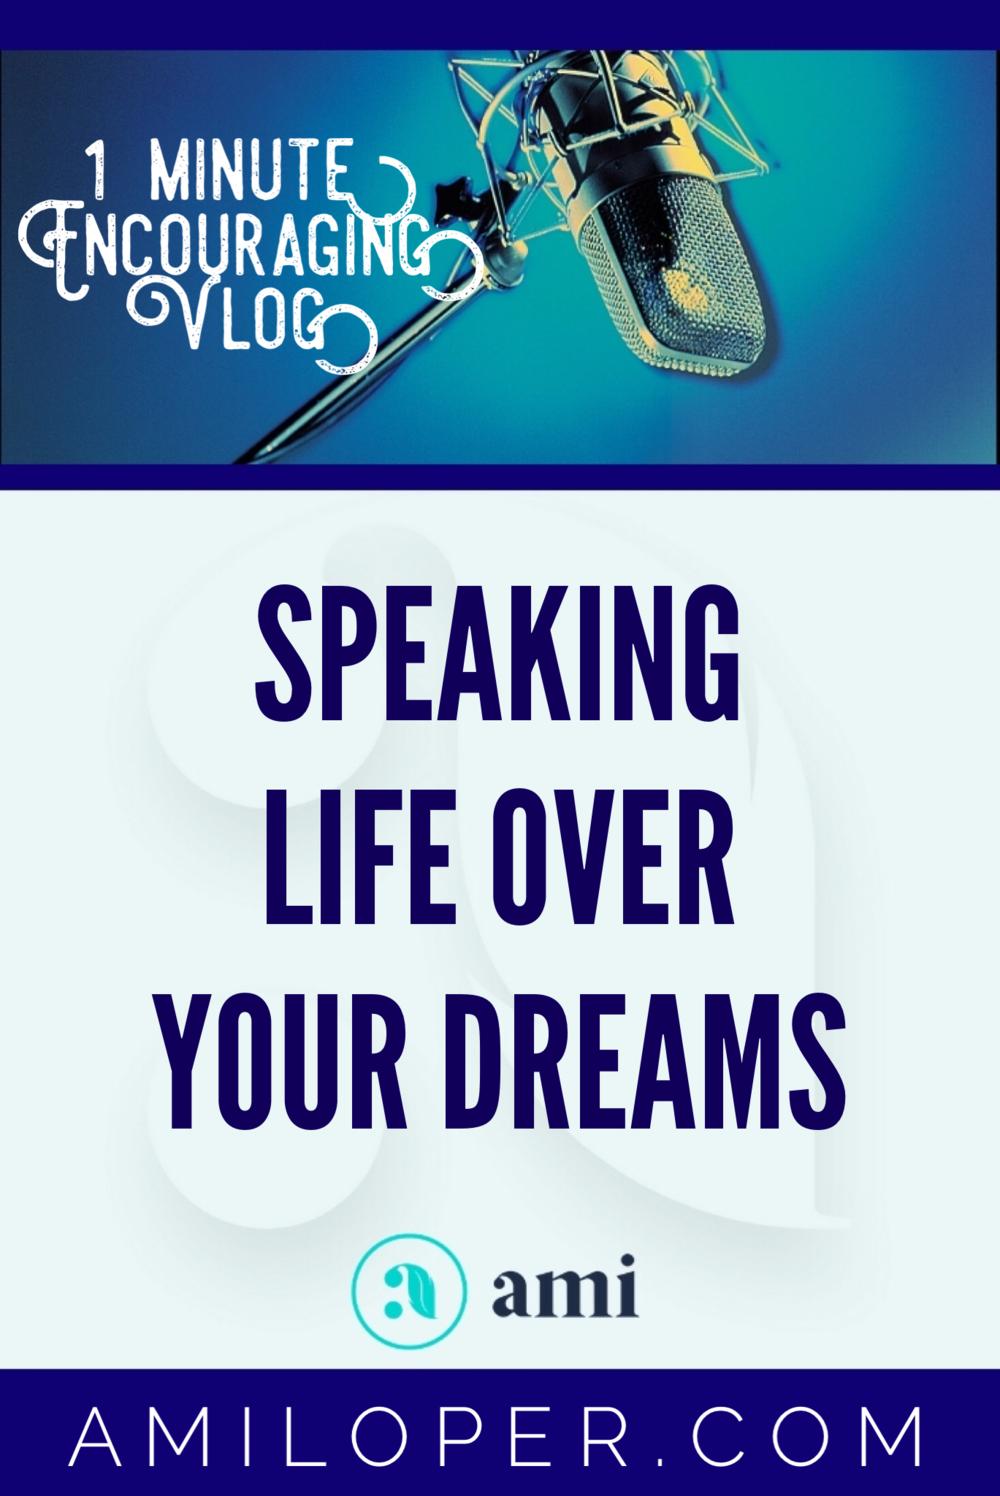 Encouragement is Oxygen! #SpeakLife #Selfcare #Vlog